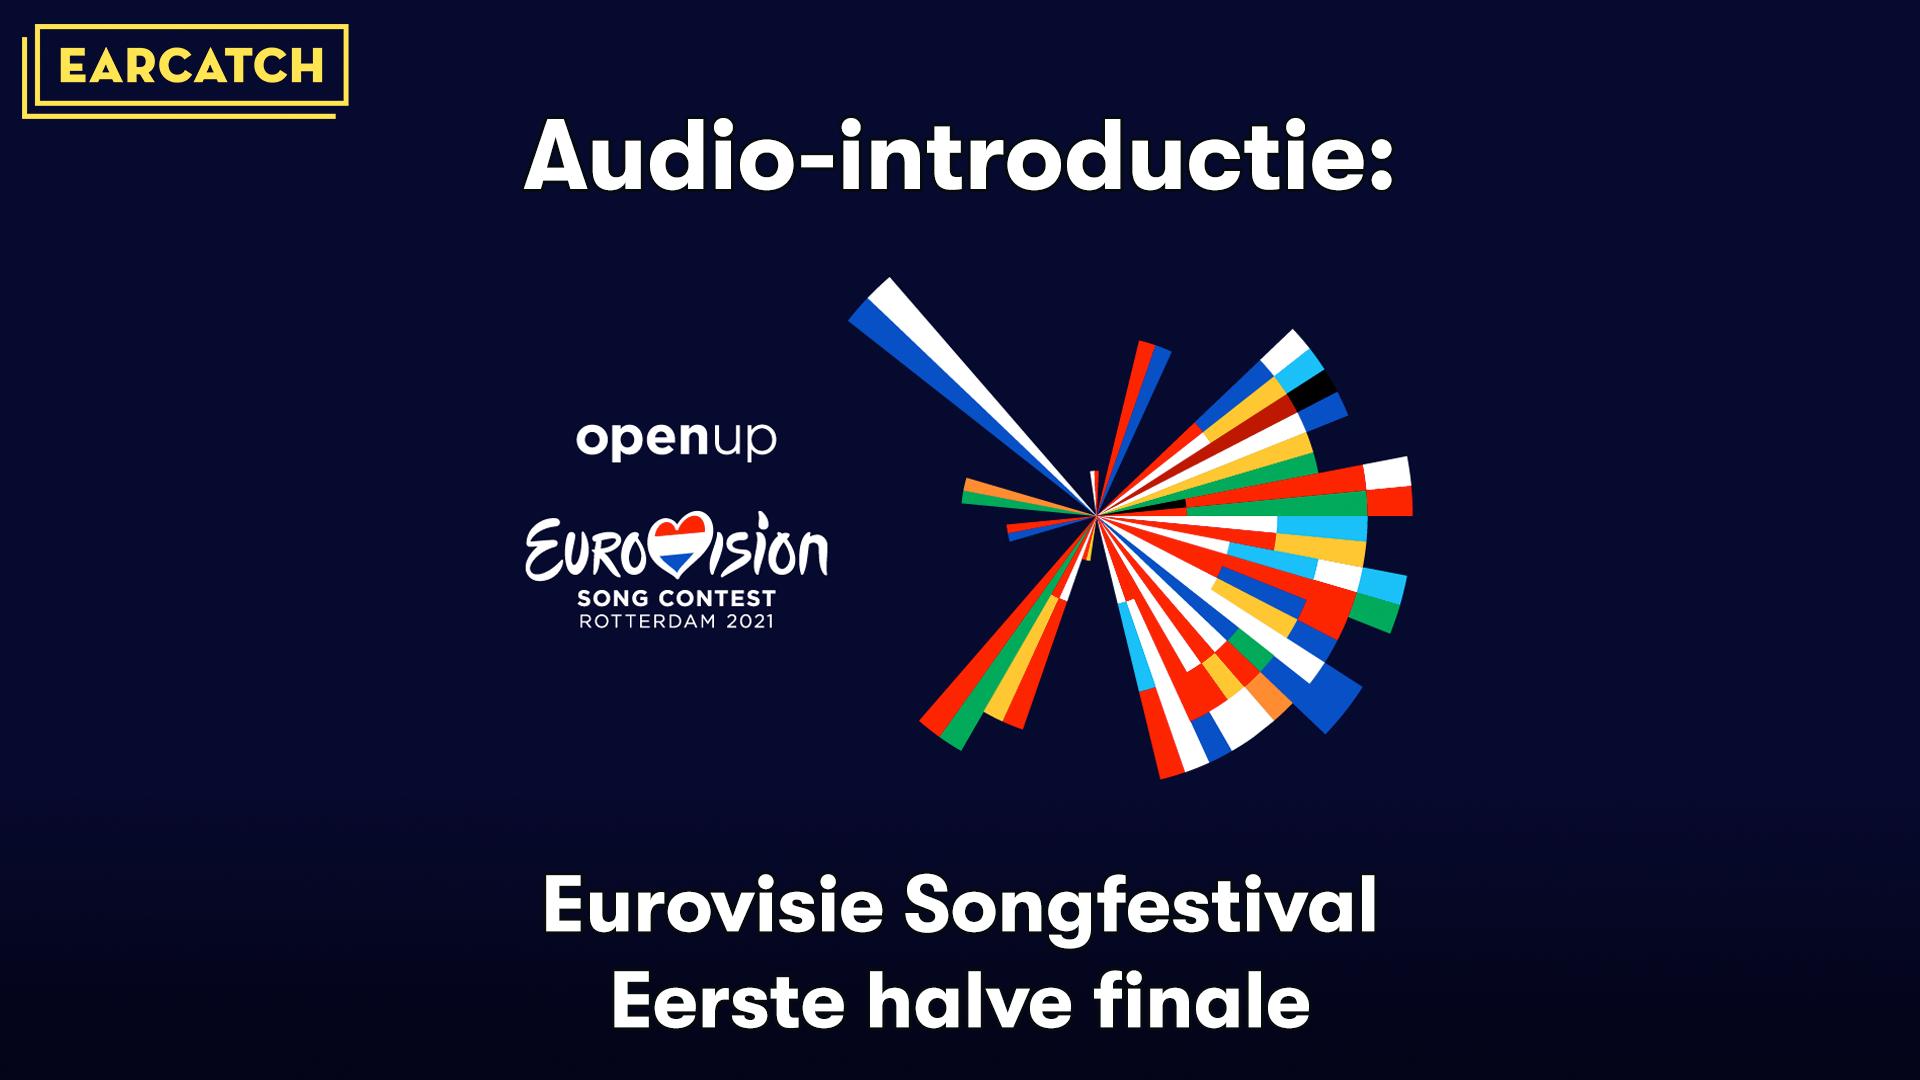 Video: Audio-introductie bij de Eerste halve finale van het Eurovision Songfestival 2021.